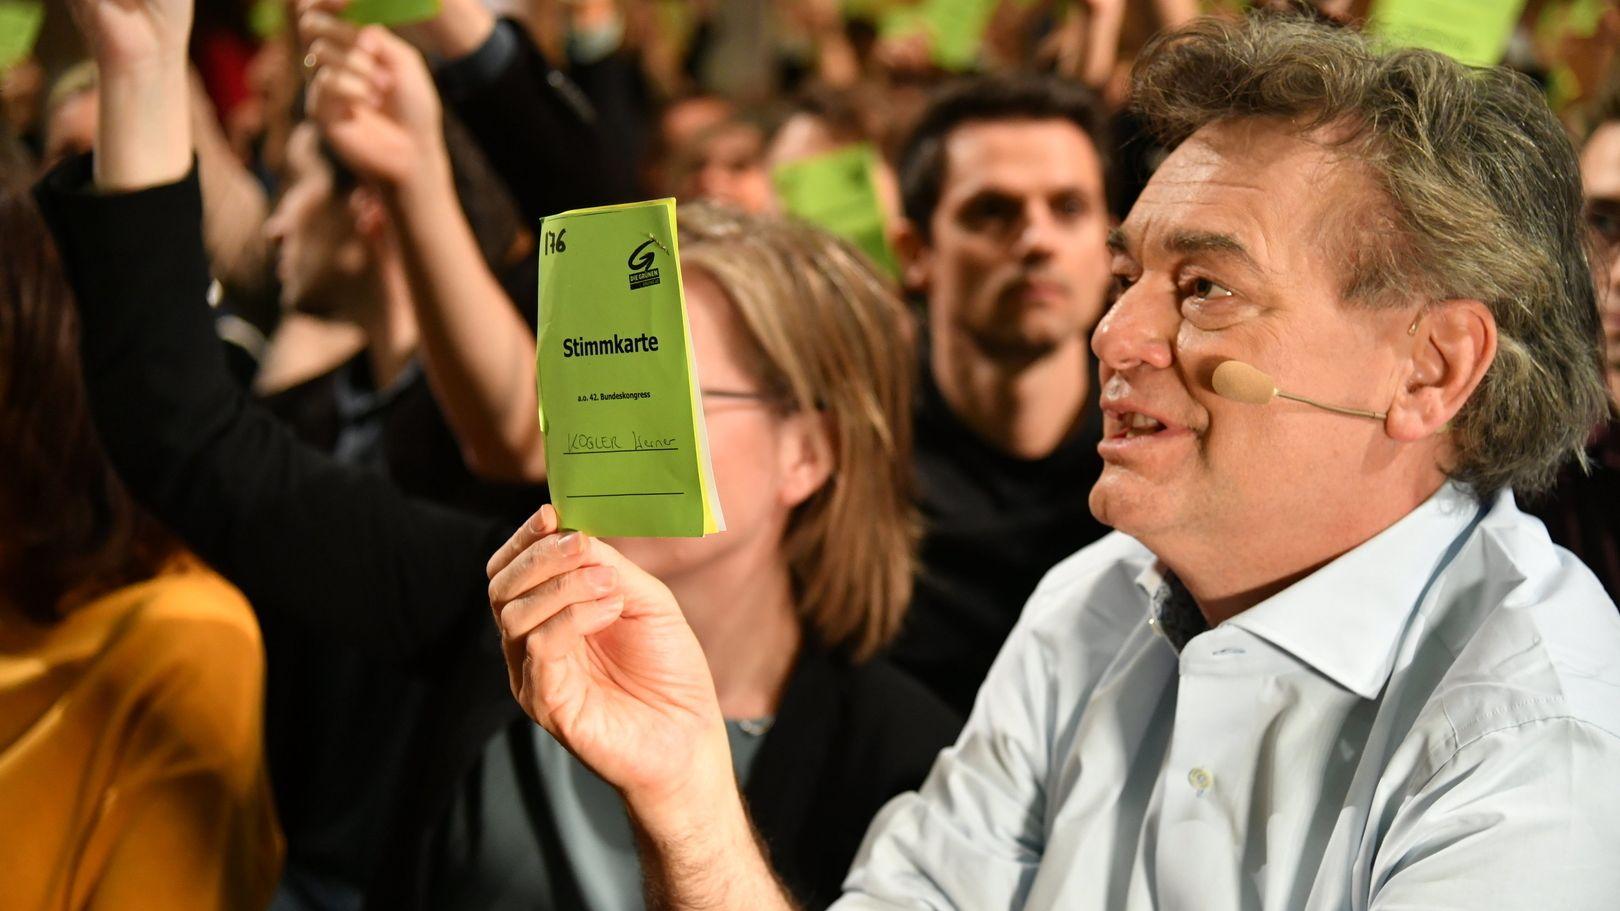 Werner Kogler, Bundessprecher der Grünen, hält seine Stimmkarte während der Abstimmung beim Bundeskongress der österreichischen Grünen hoch.